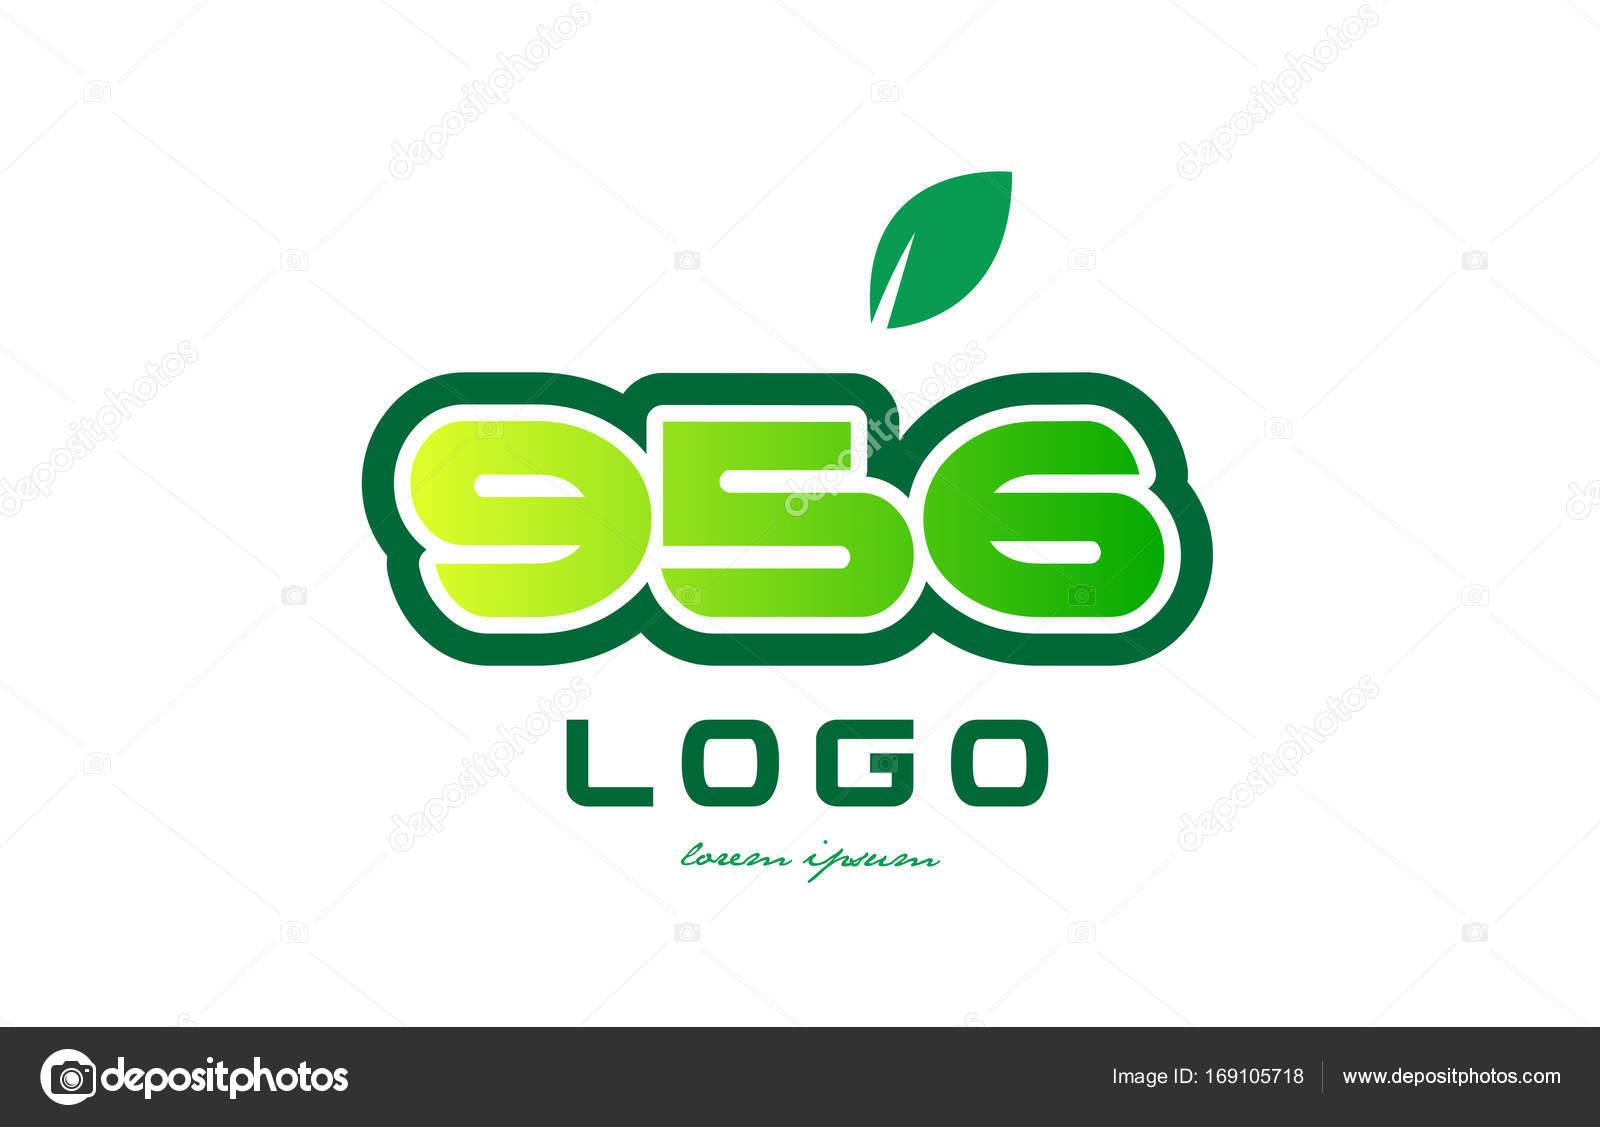 Diseño icono dígito numérico número 956 — Archivo Imágenes ...